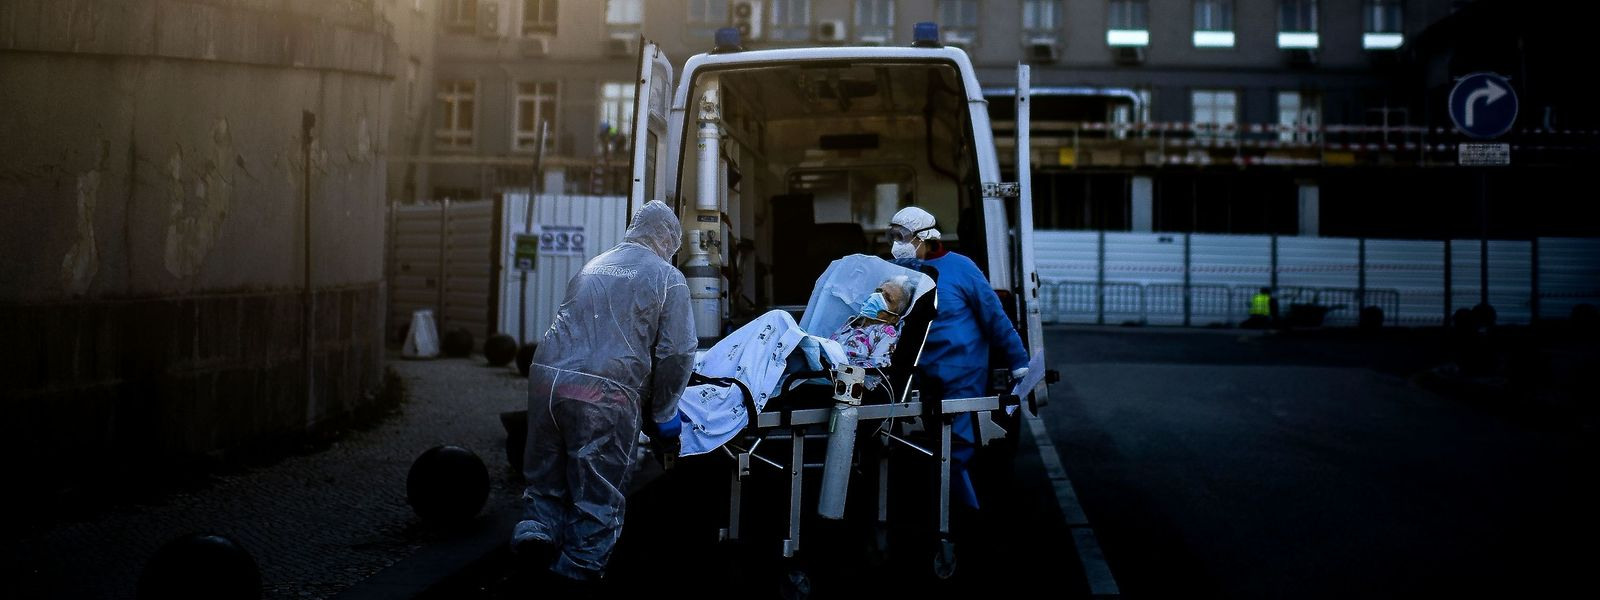 Selon la ministre de la Santé portugaise, les hôpitaux du pays subissent ces derniers jours une «énorme pression».